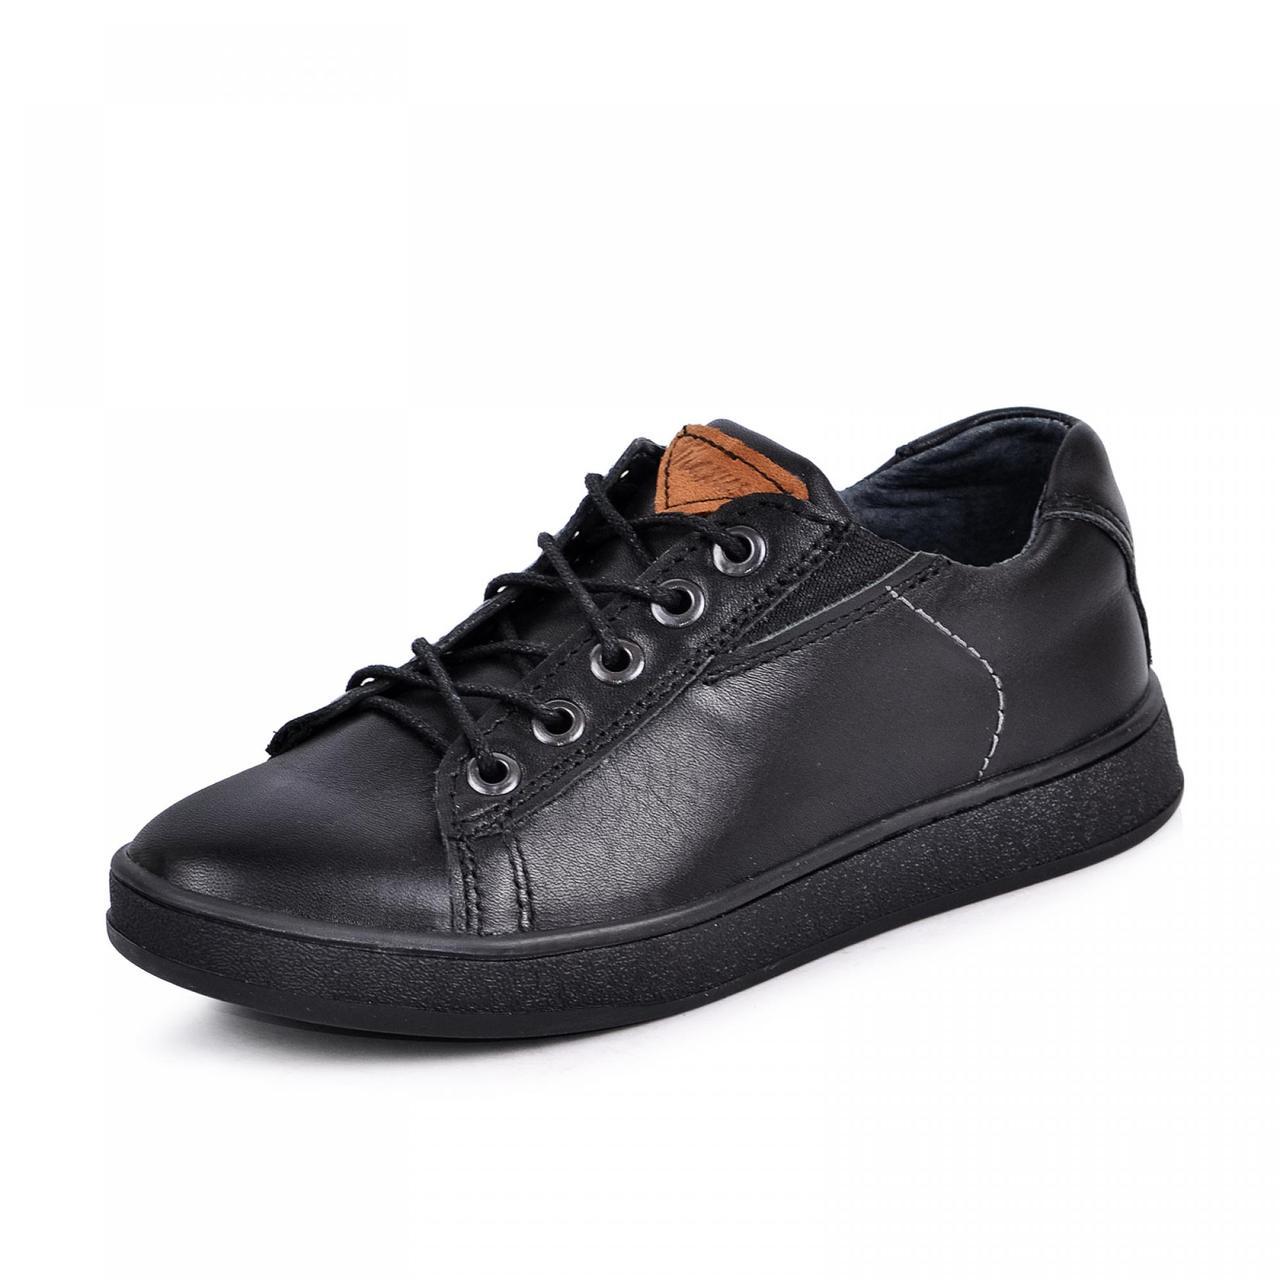 Підліткові і дитячі кросівки чорна натуральна шкіра р. 32 33 34 35 36 37 38 39